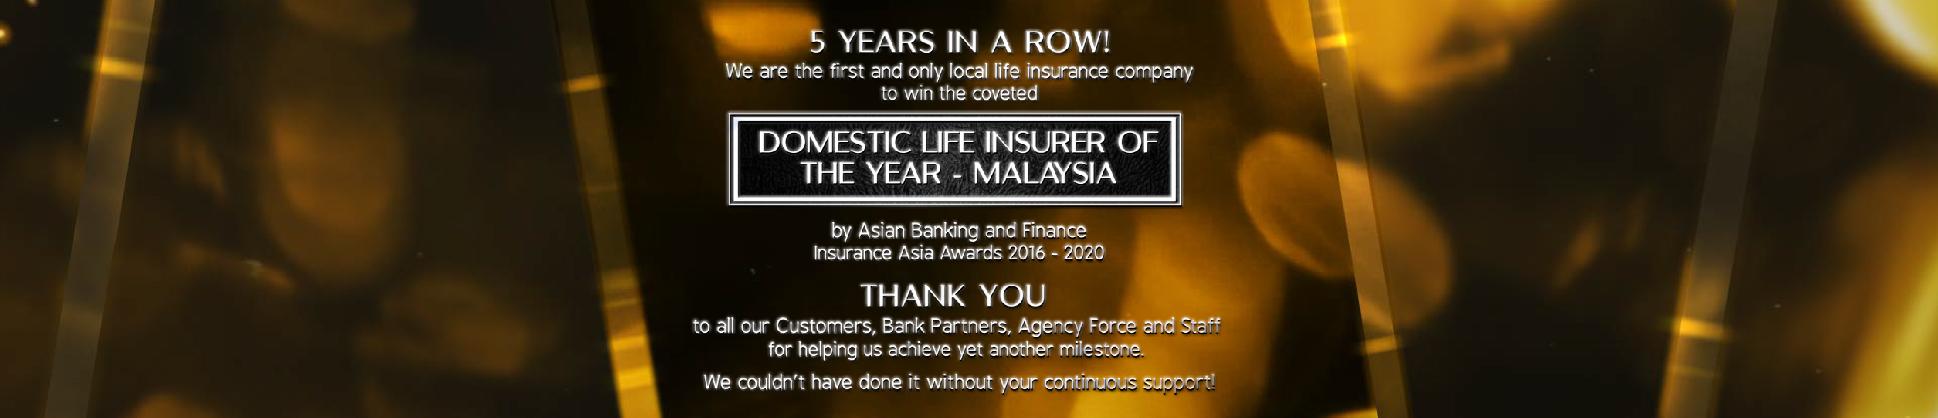 Domestic Life Insurer